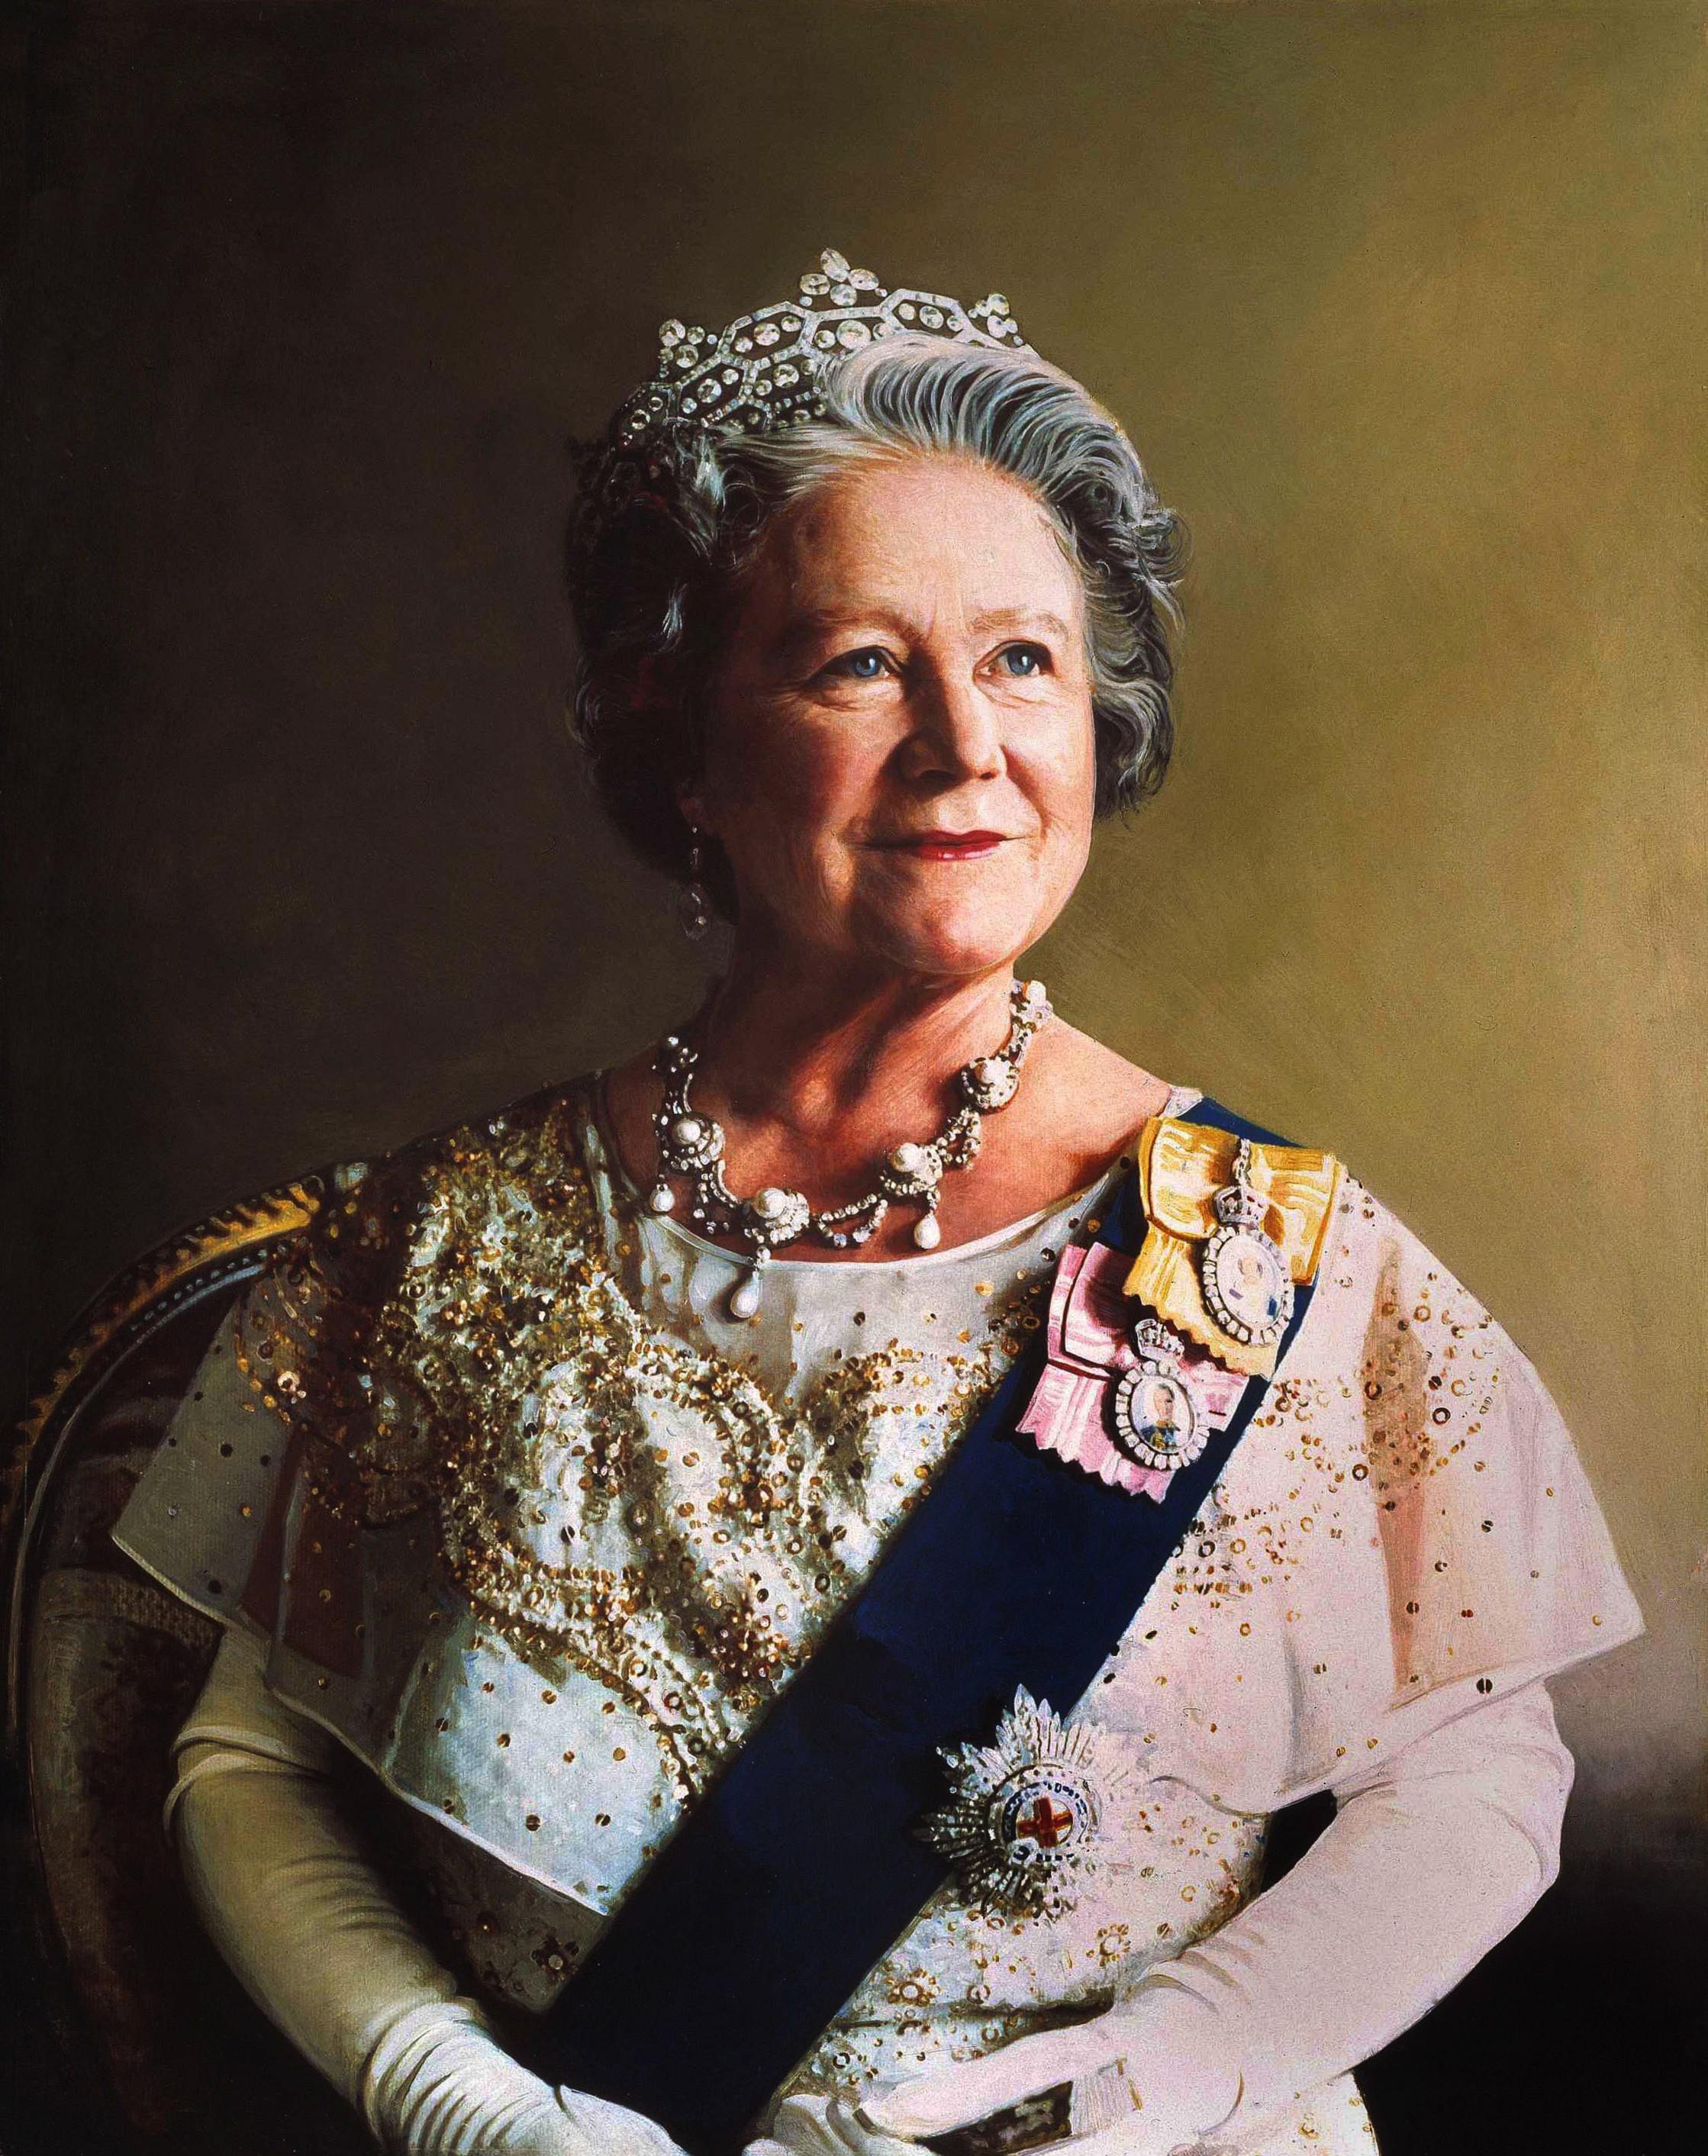 FileQueen Elizabeth the Queen Mother portraitjpg  Wikipedia